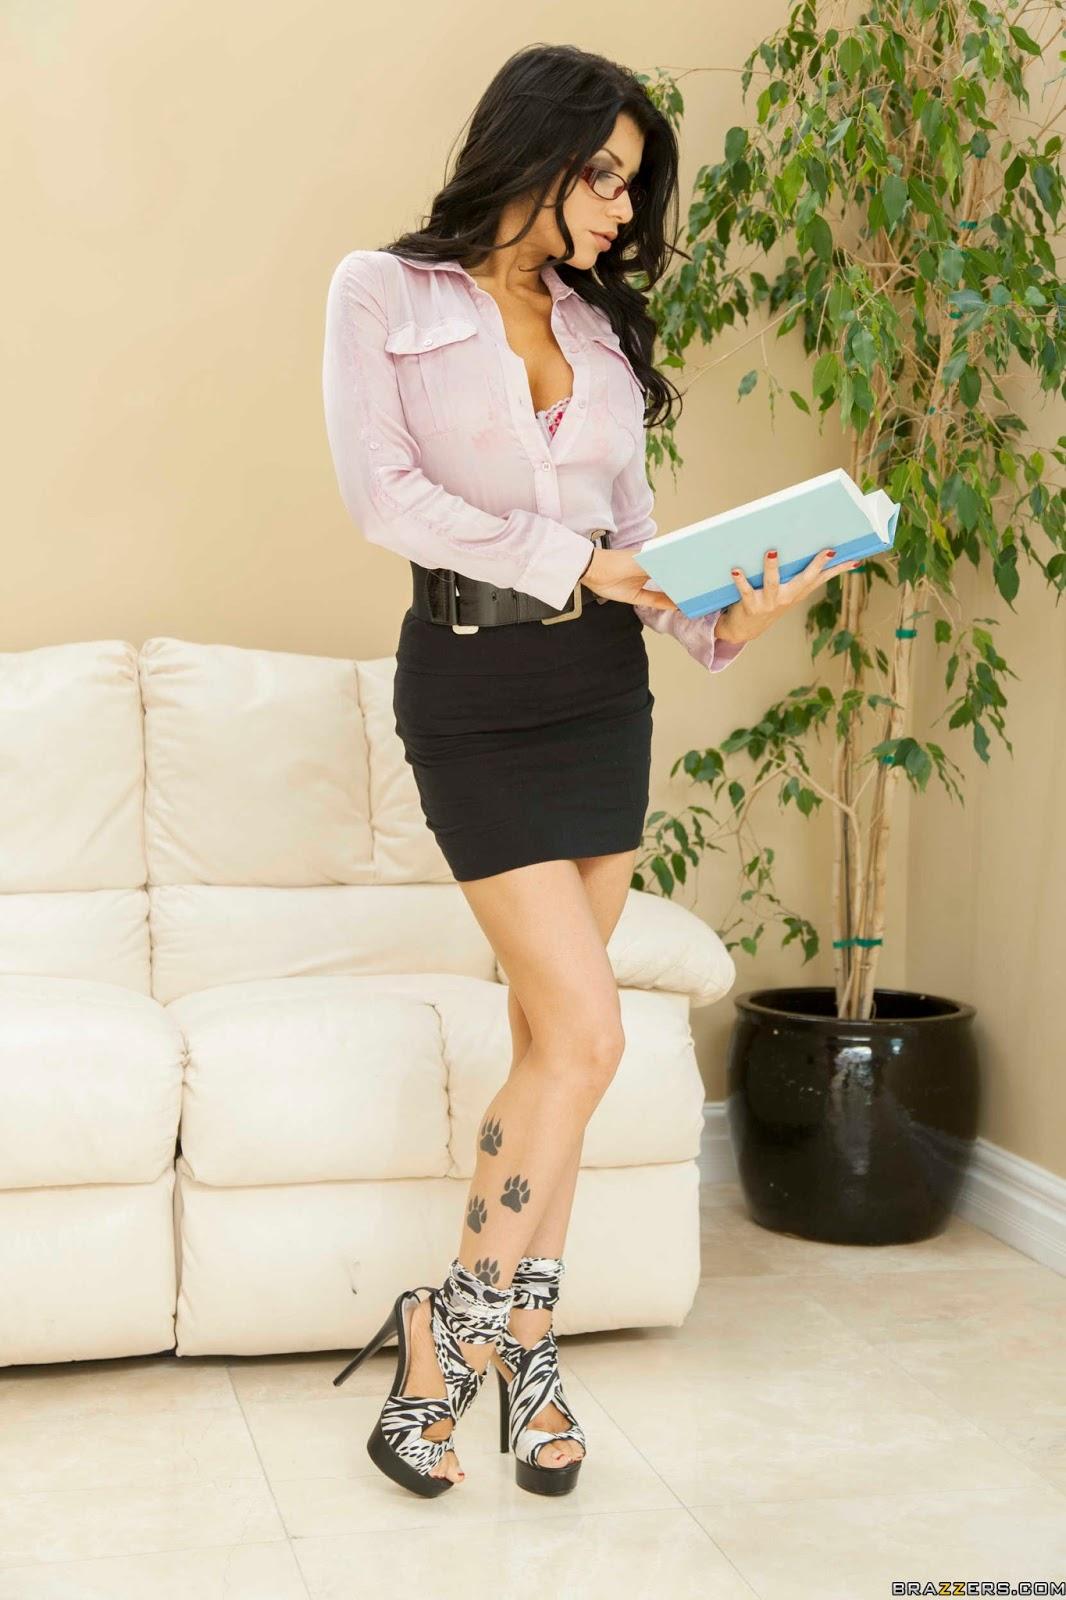 Секретарша на высоких каблуках 4 фотография